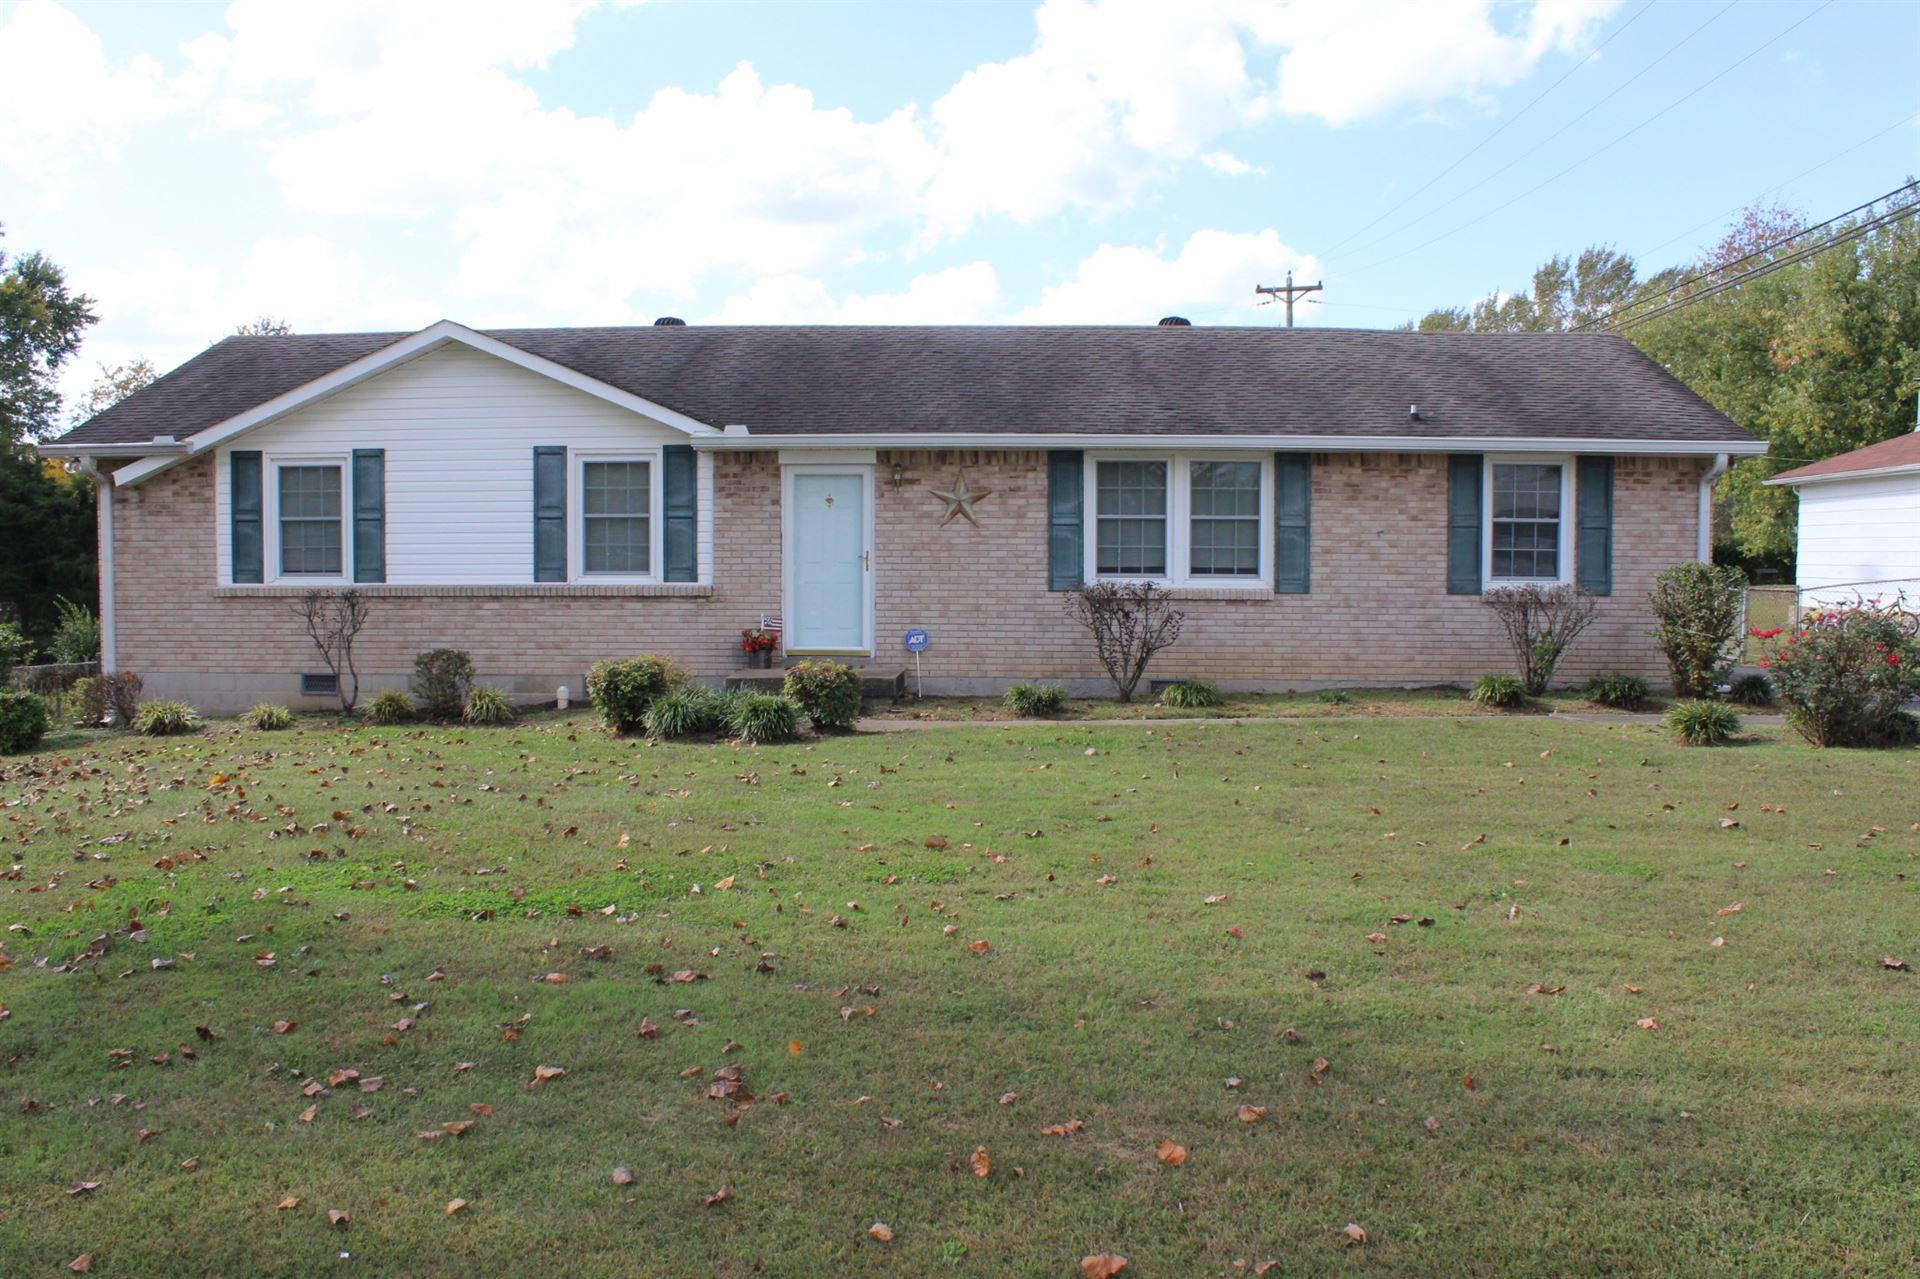 508 BUNKER HILL ROAD137, Clarksville, TN 37042 - MLS#: 2201140